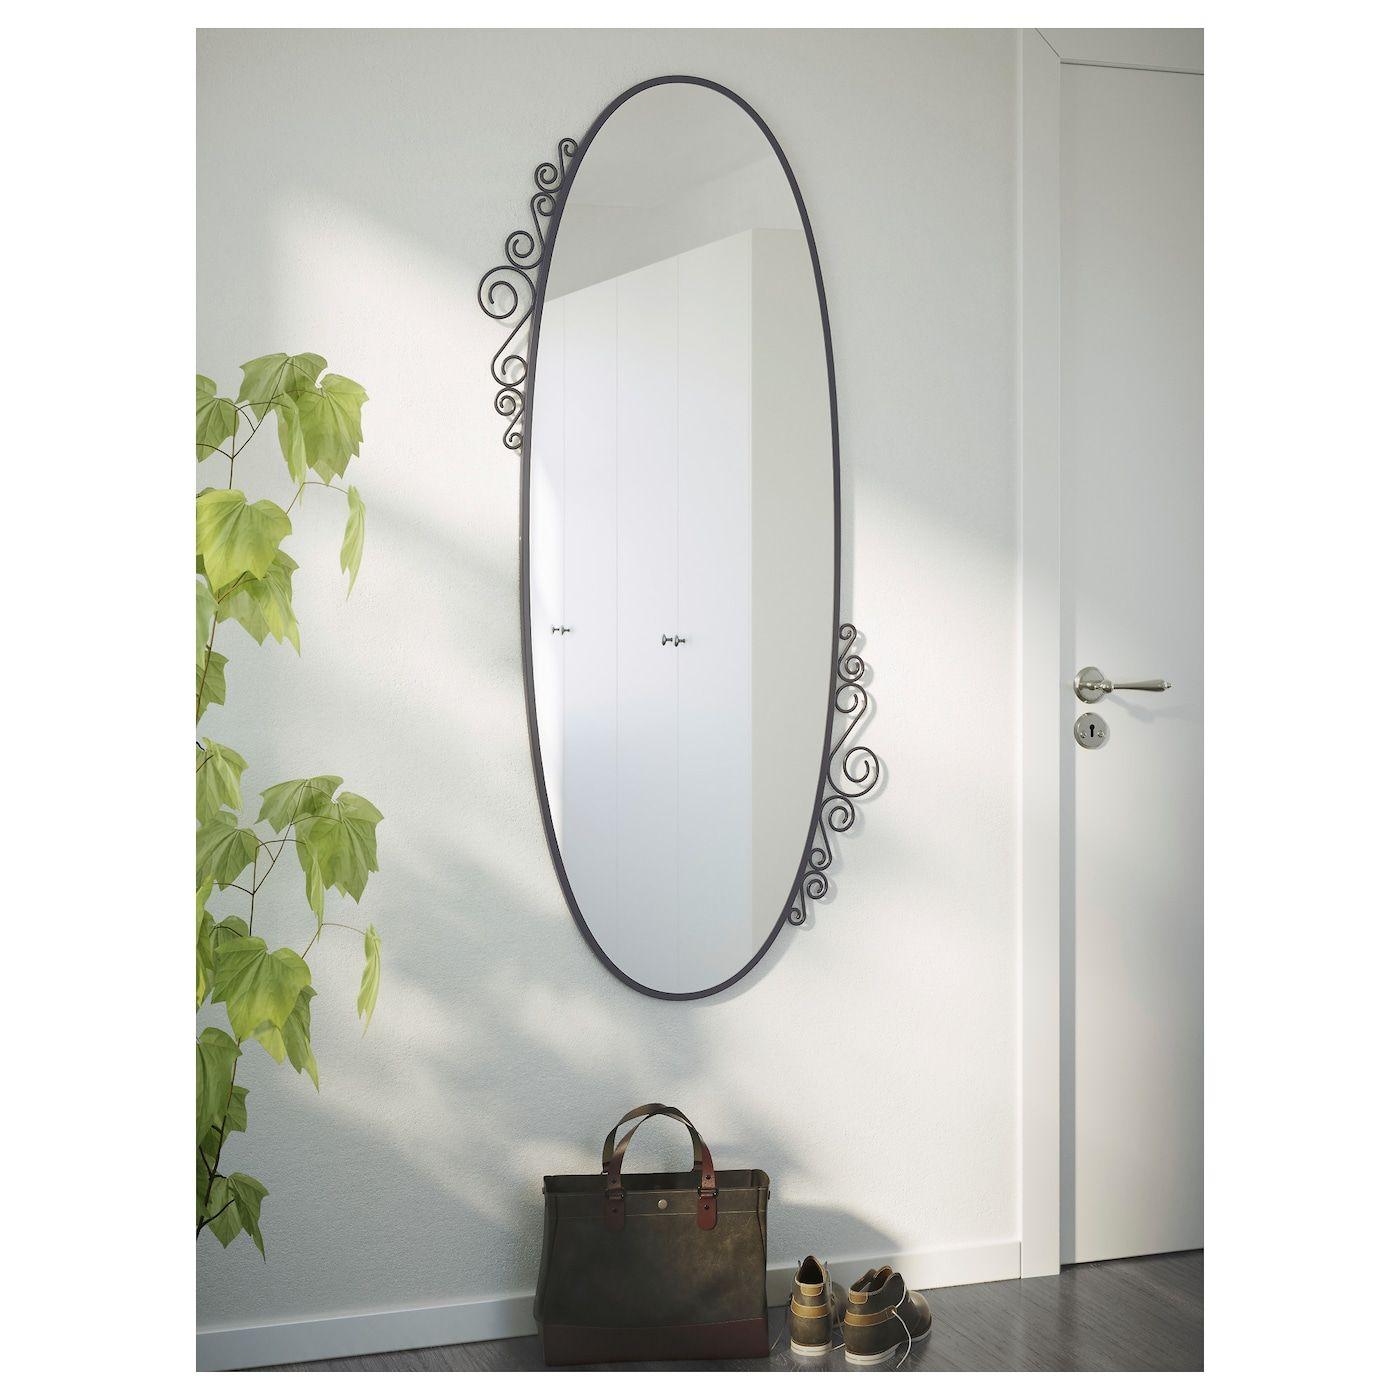 Ekne Spiegel Oval Ikea Deutschland Spiegel Ikea Spiegel Fensterputzmittel